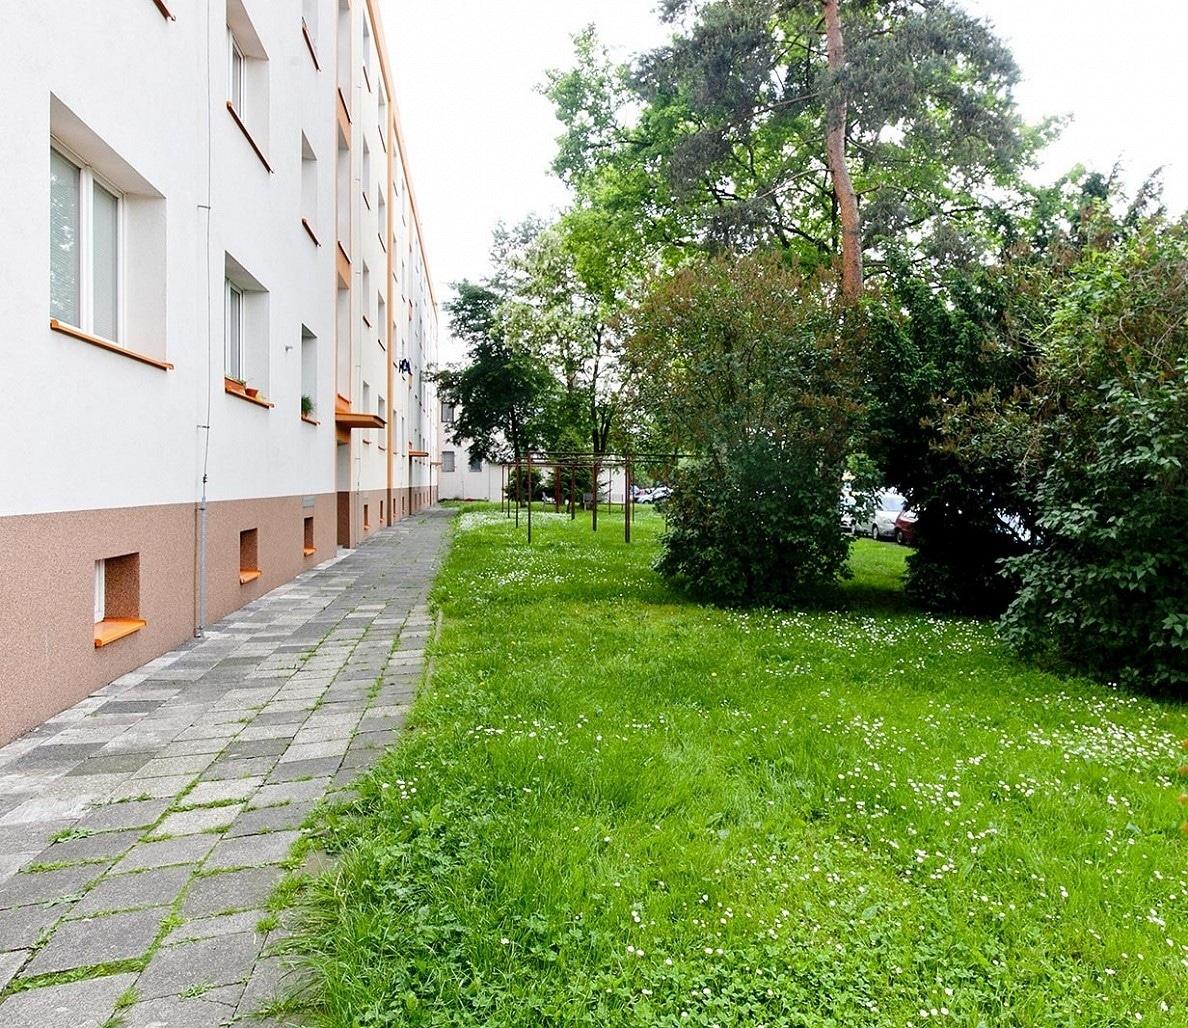 למכירה דירת 2+1 בפראג 6 54 מר (14)